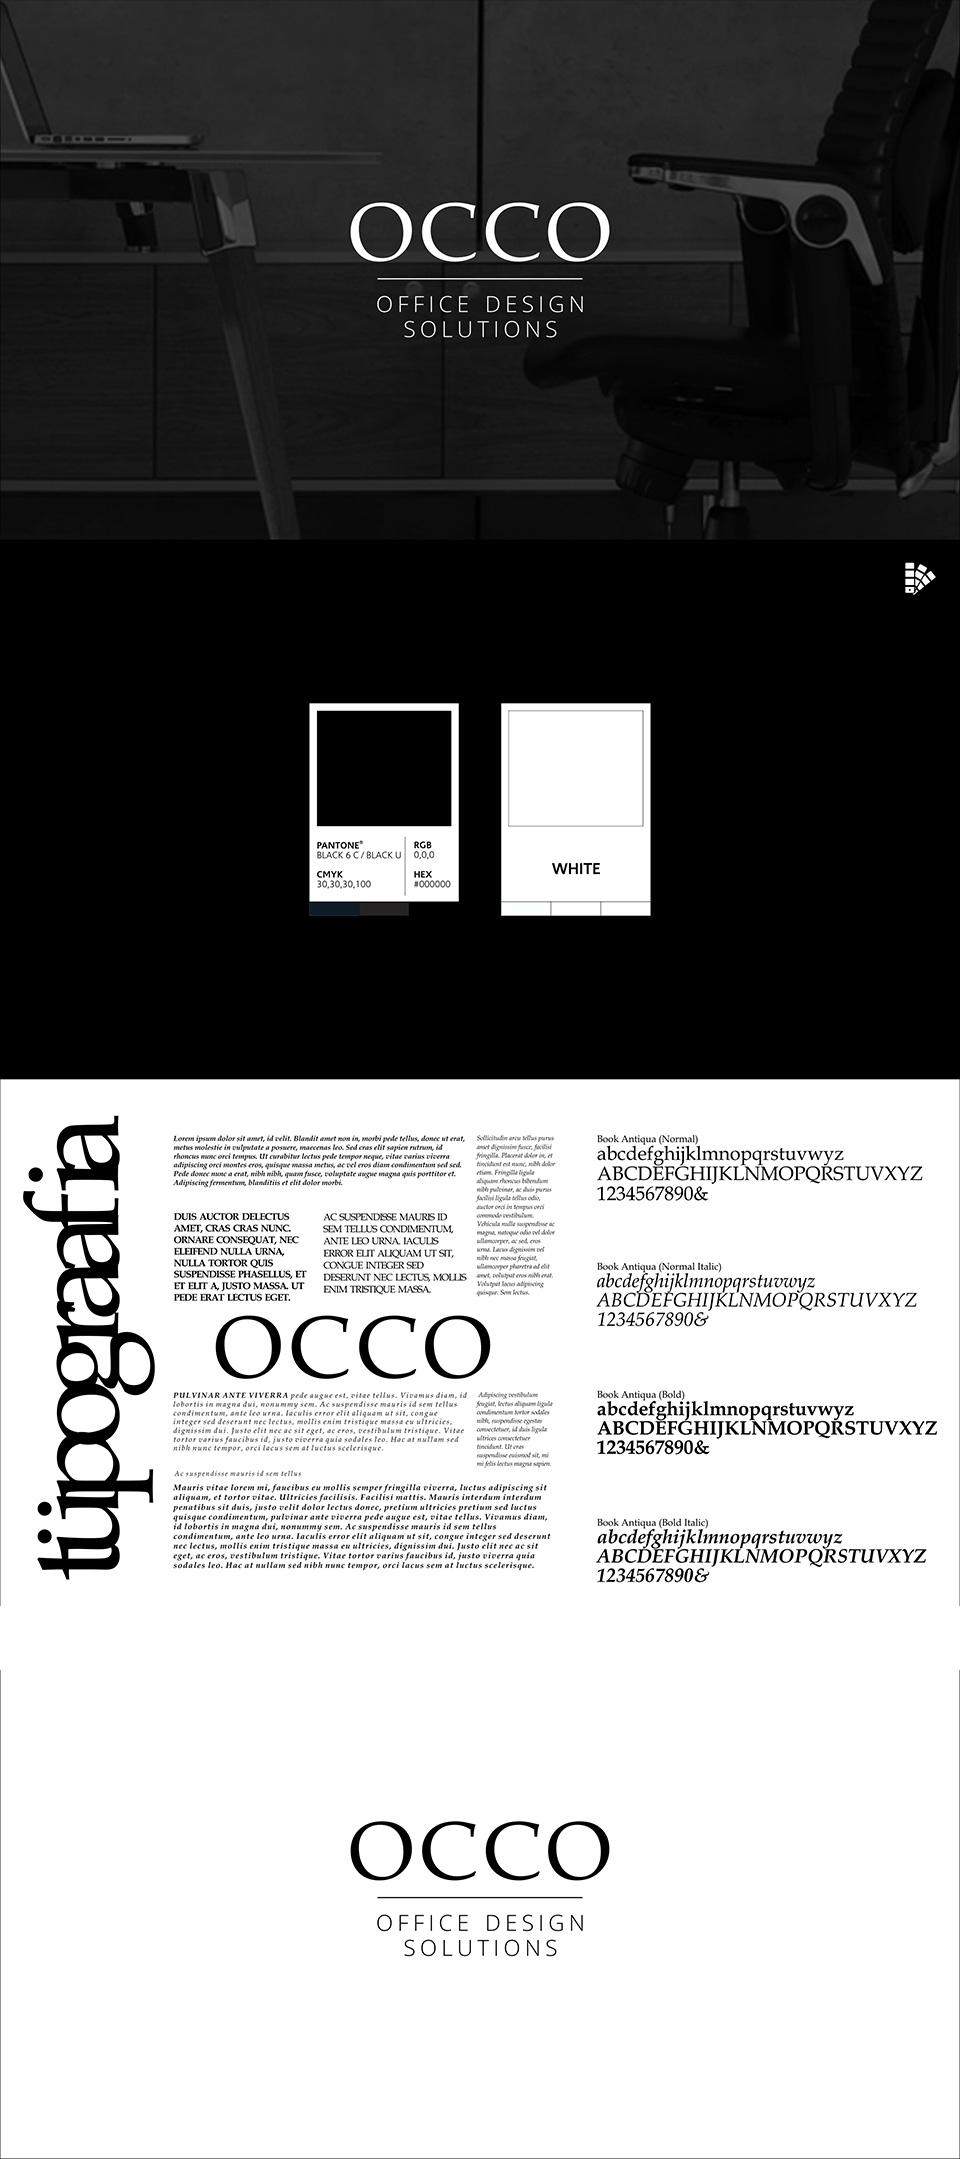 occo-logo-1